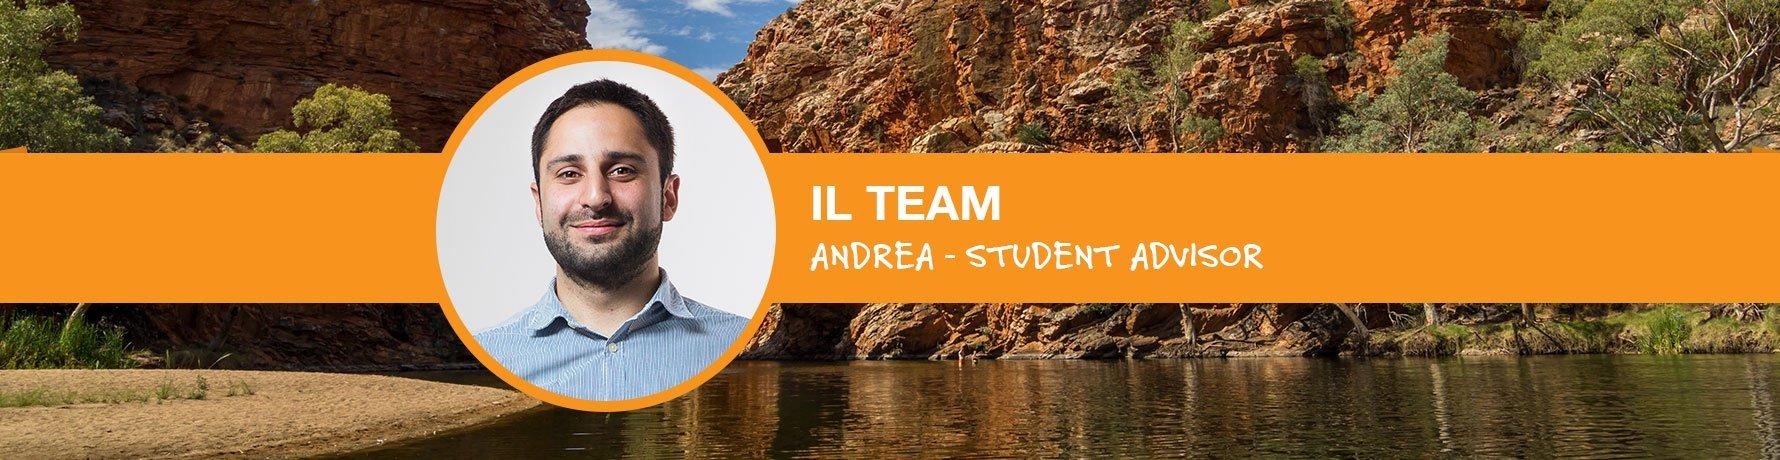 Il Team si presenta: Andrea - Student Advisor